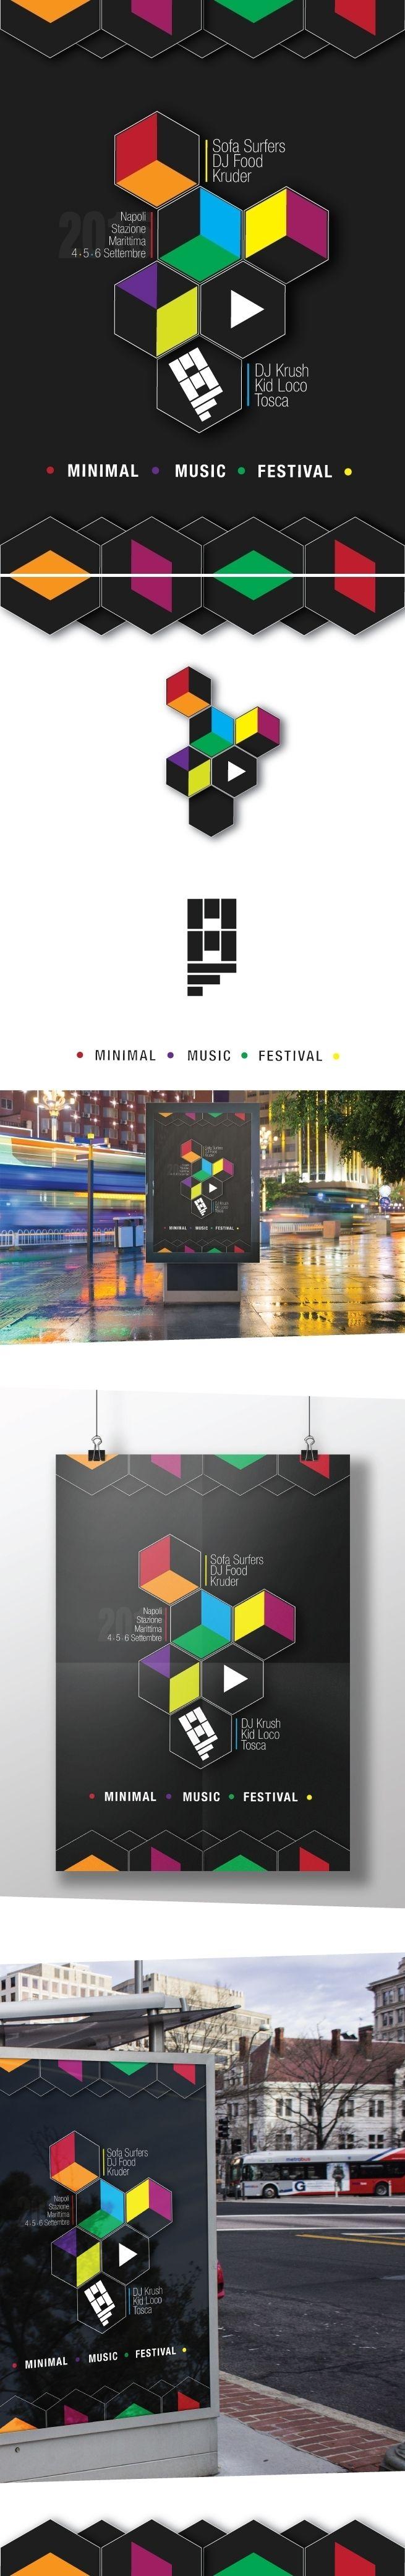 Portfolio Corsi Ilas - Danilo Distefano, Docente progettazione: Alessandro Leone, Docente software: Rosario Mancini, Categoria: Graphic Design - © ilas 2015